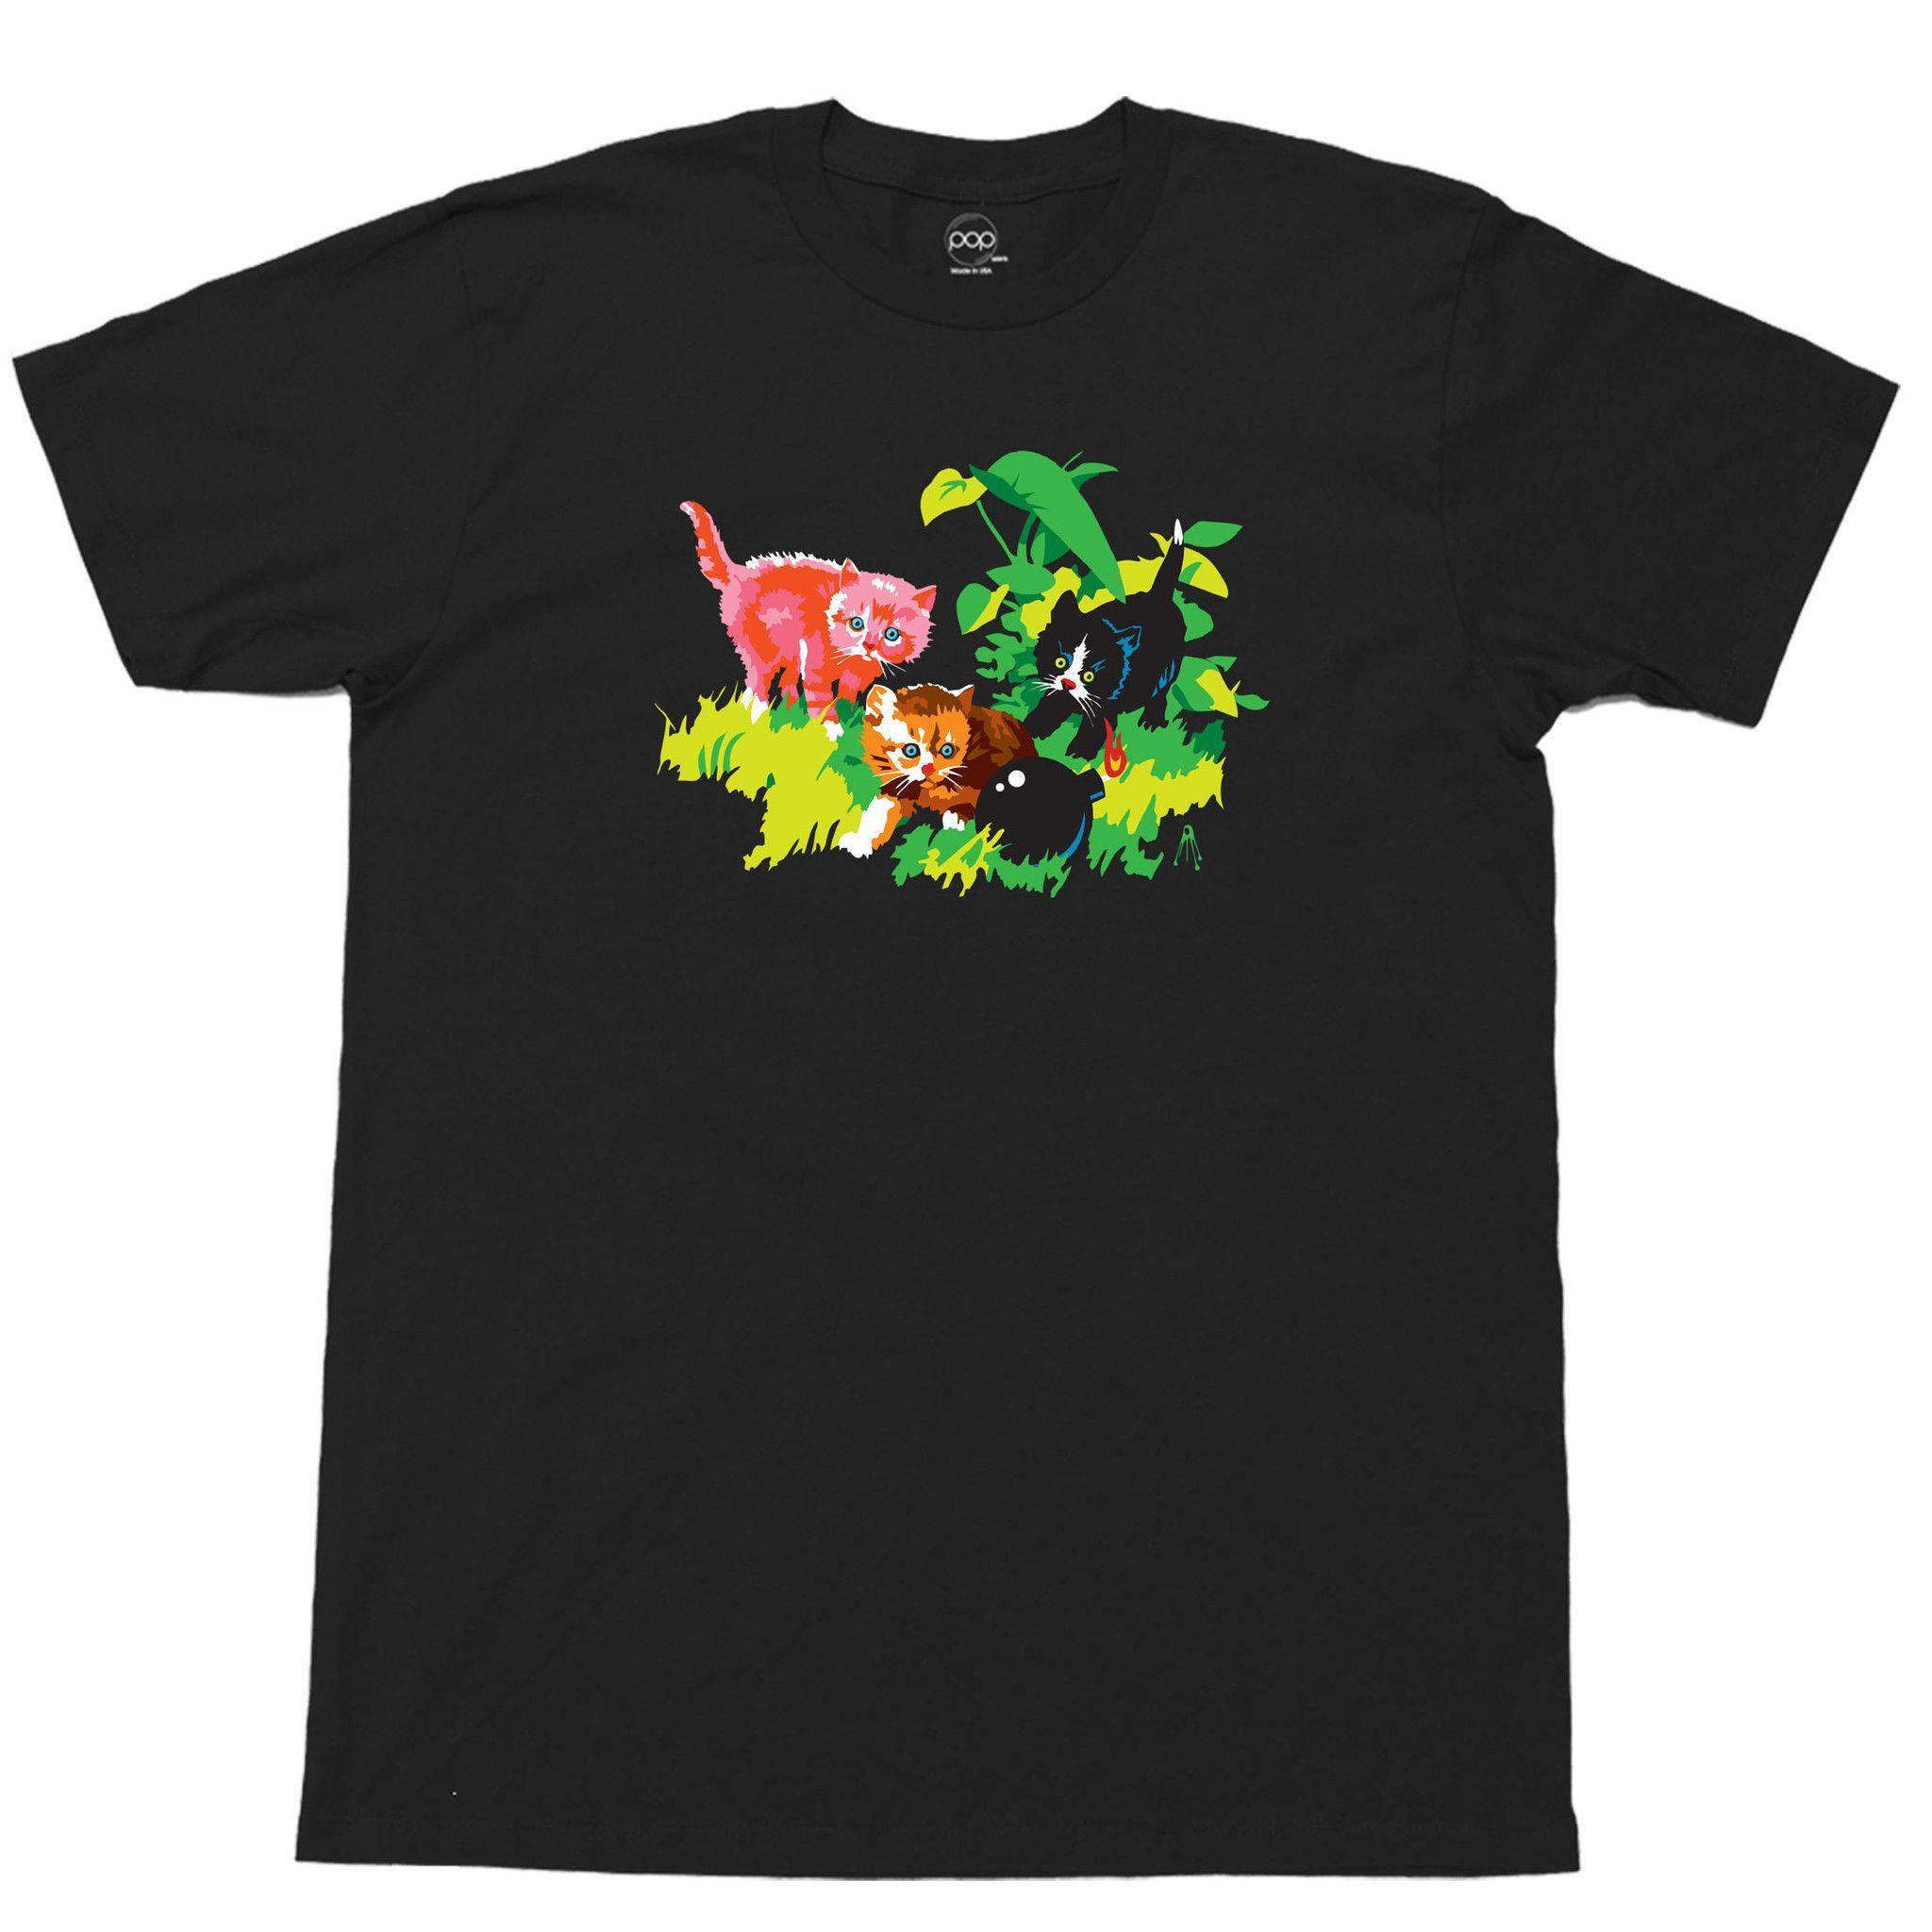 Popkiller Artist Series Kii Arens Cats Classic T-shirt